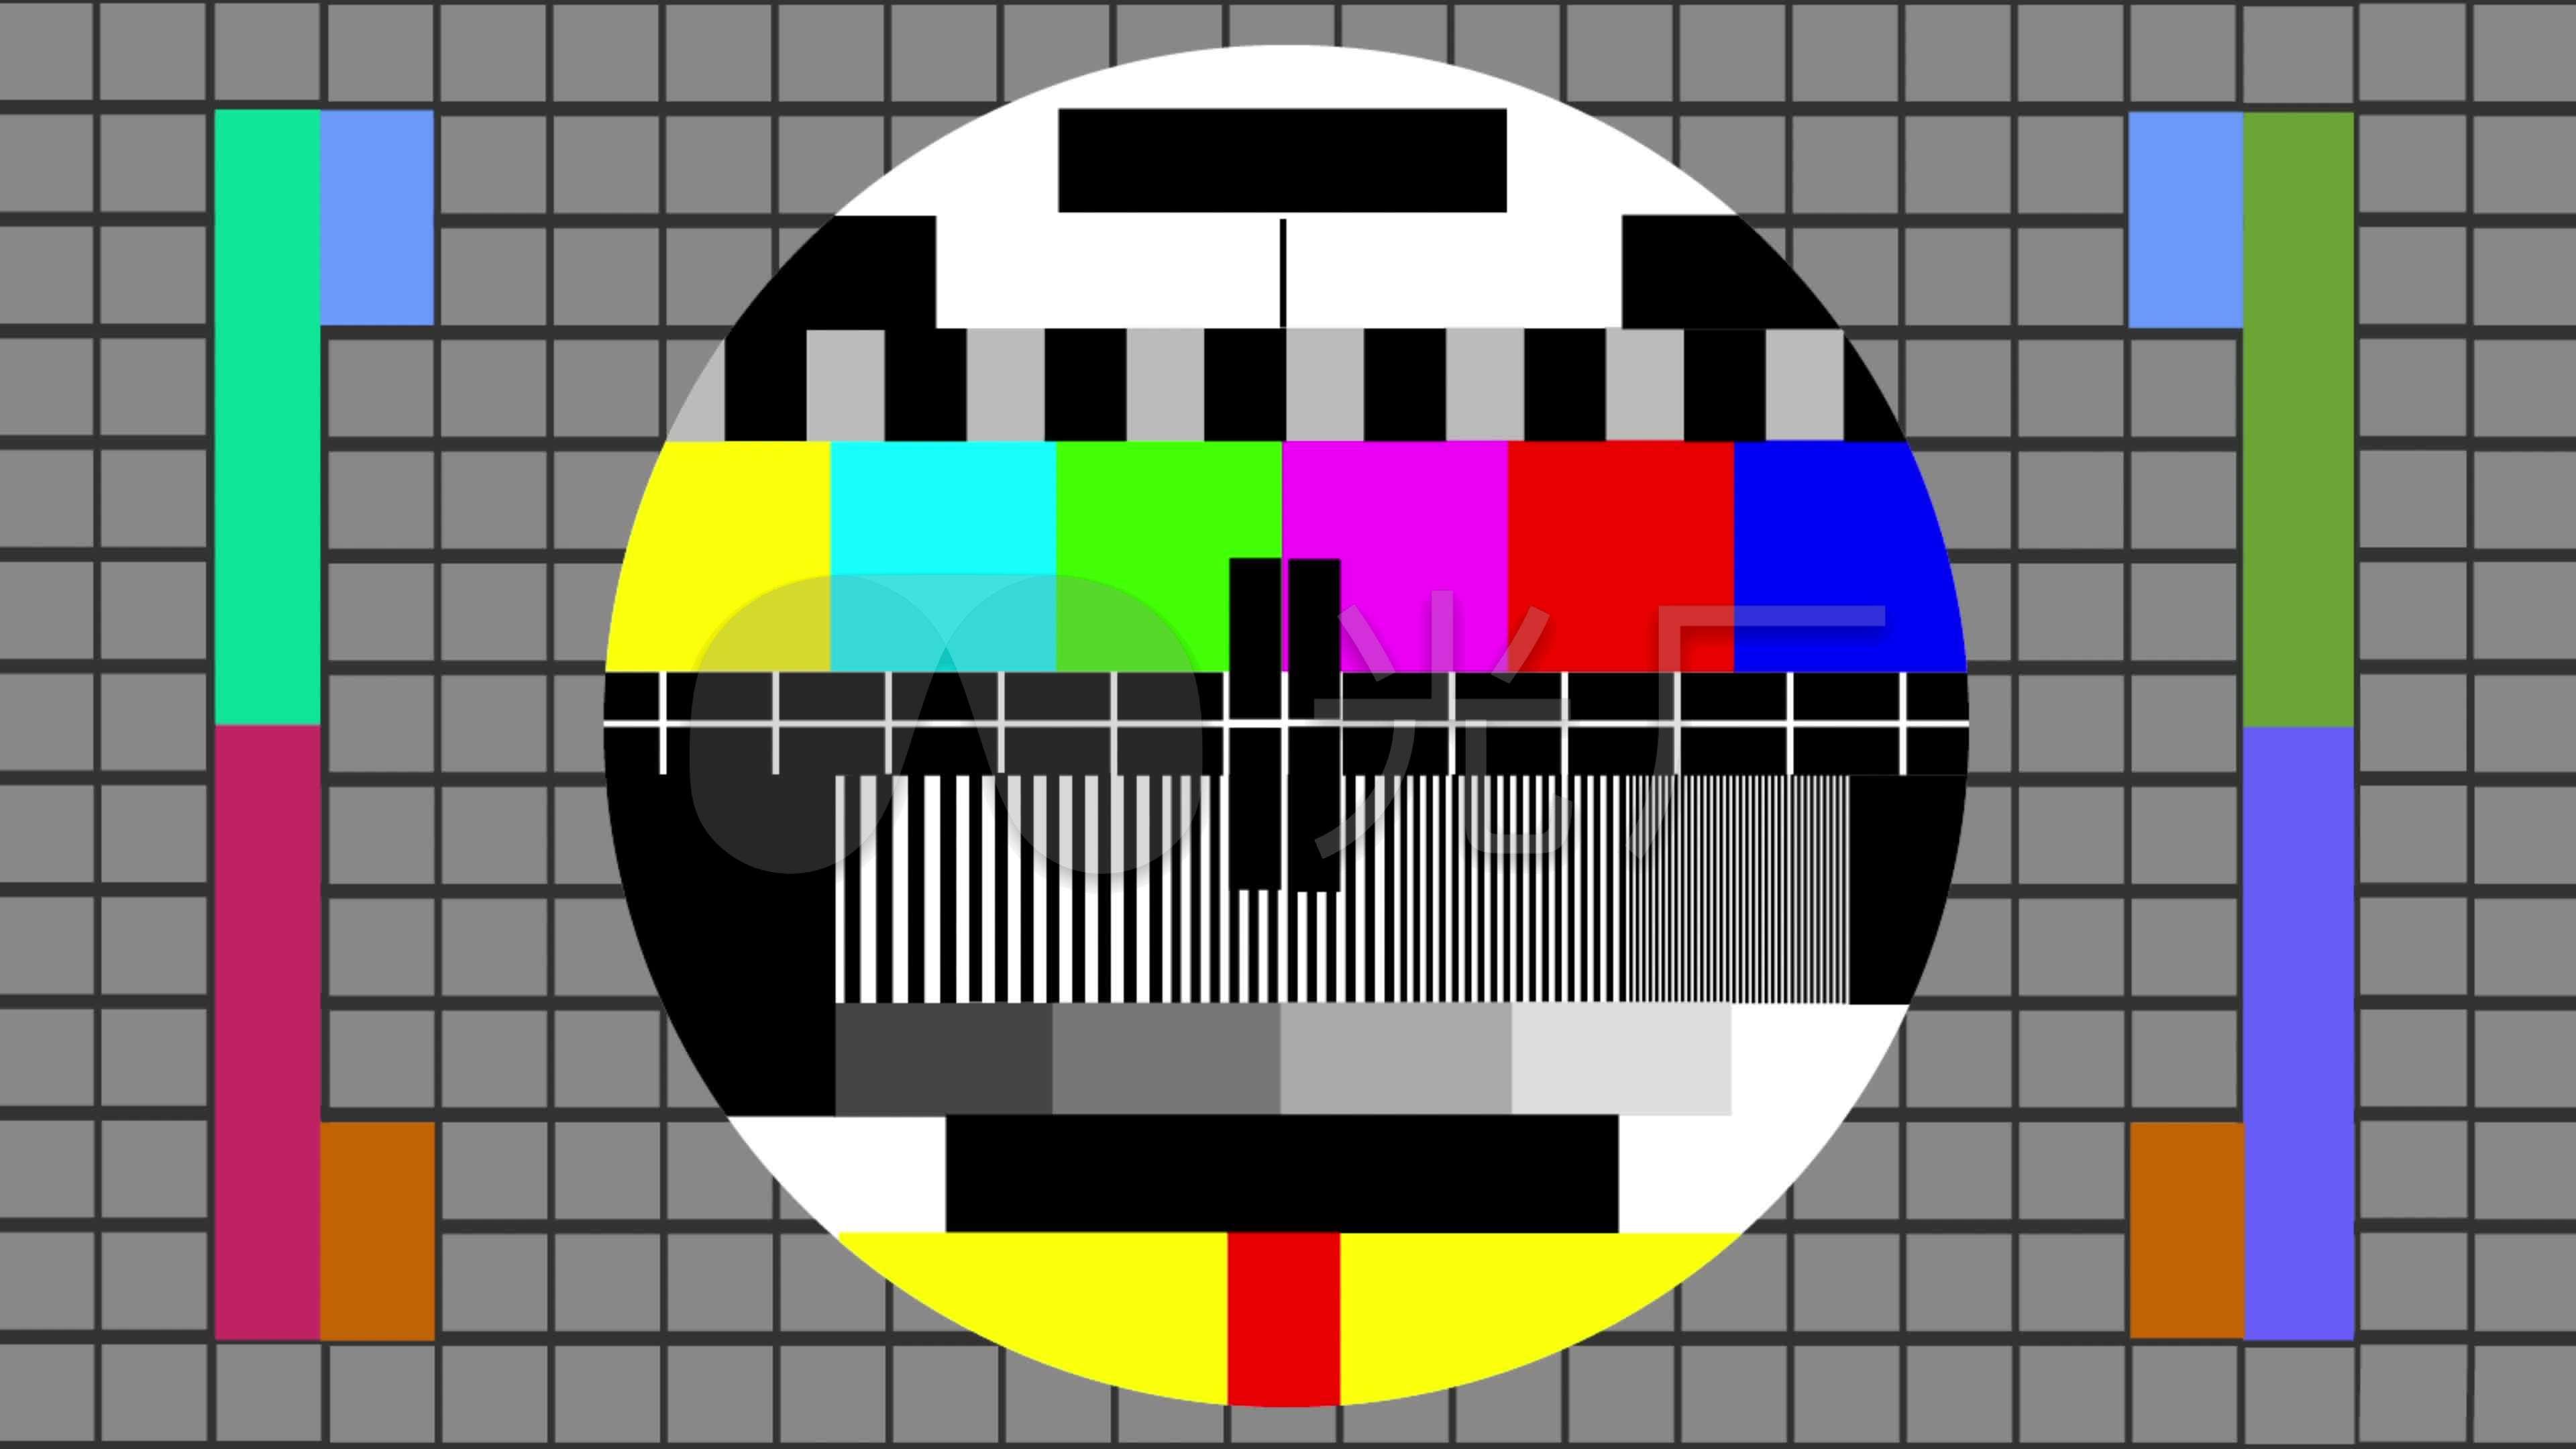 液晶电视屏幕检测_电视无信号两款_3840X2160_高清视频素材下载(编号:3849749)_影视包装 ...